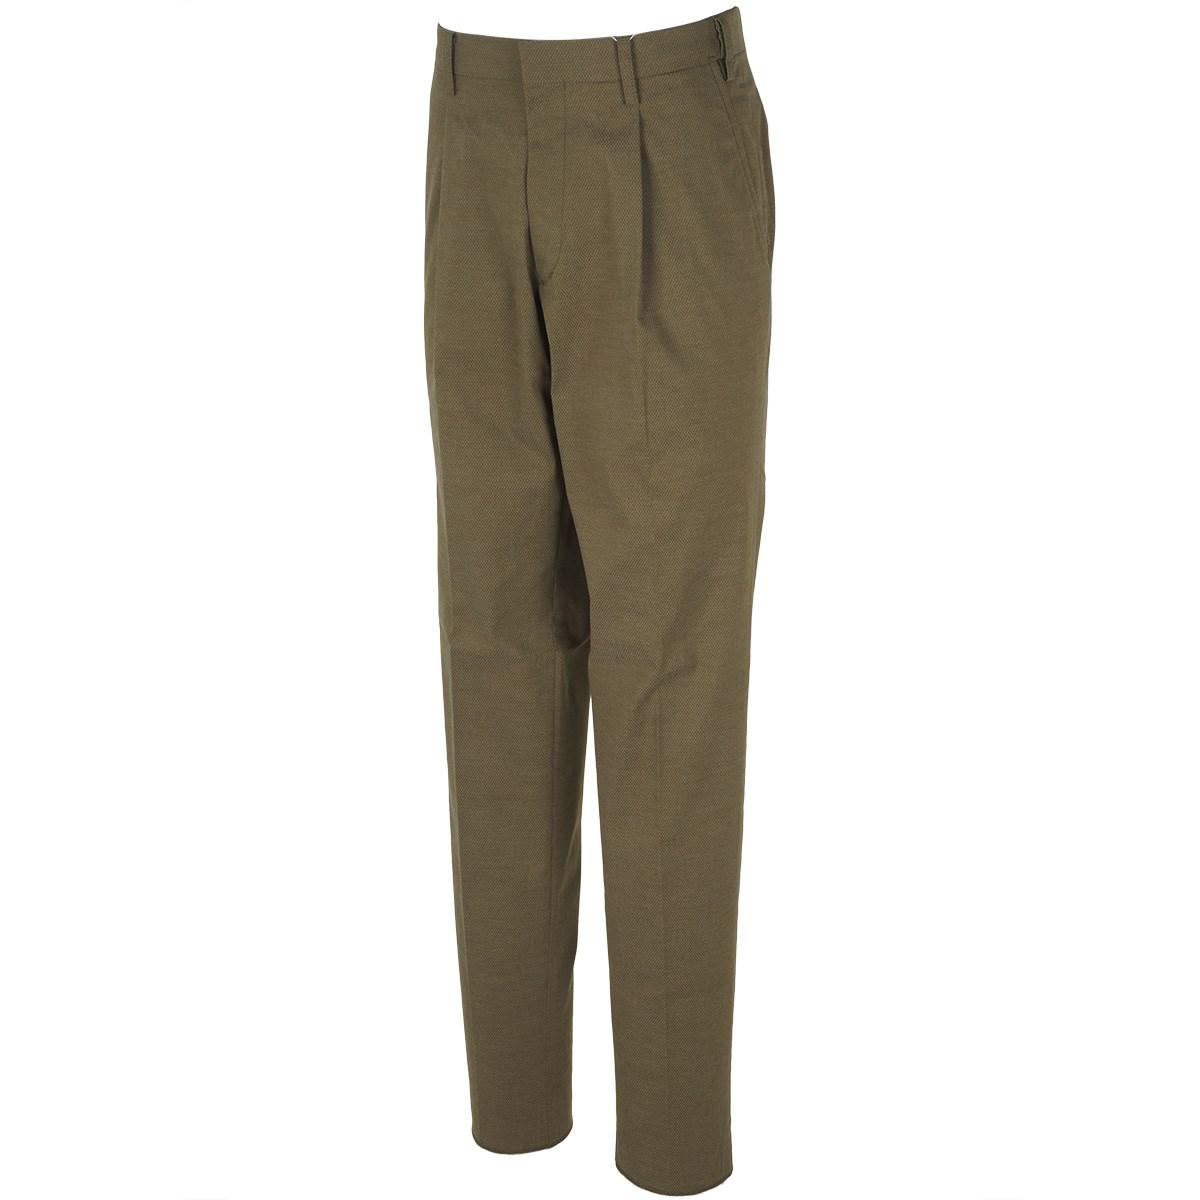 マンシングウェア Munsingwear ワンタック&ウエストフリーストレッチパンツ 79 カーキ 00